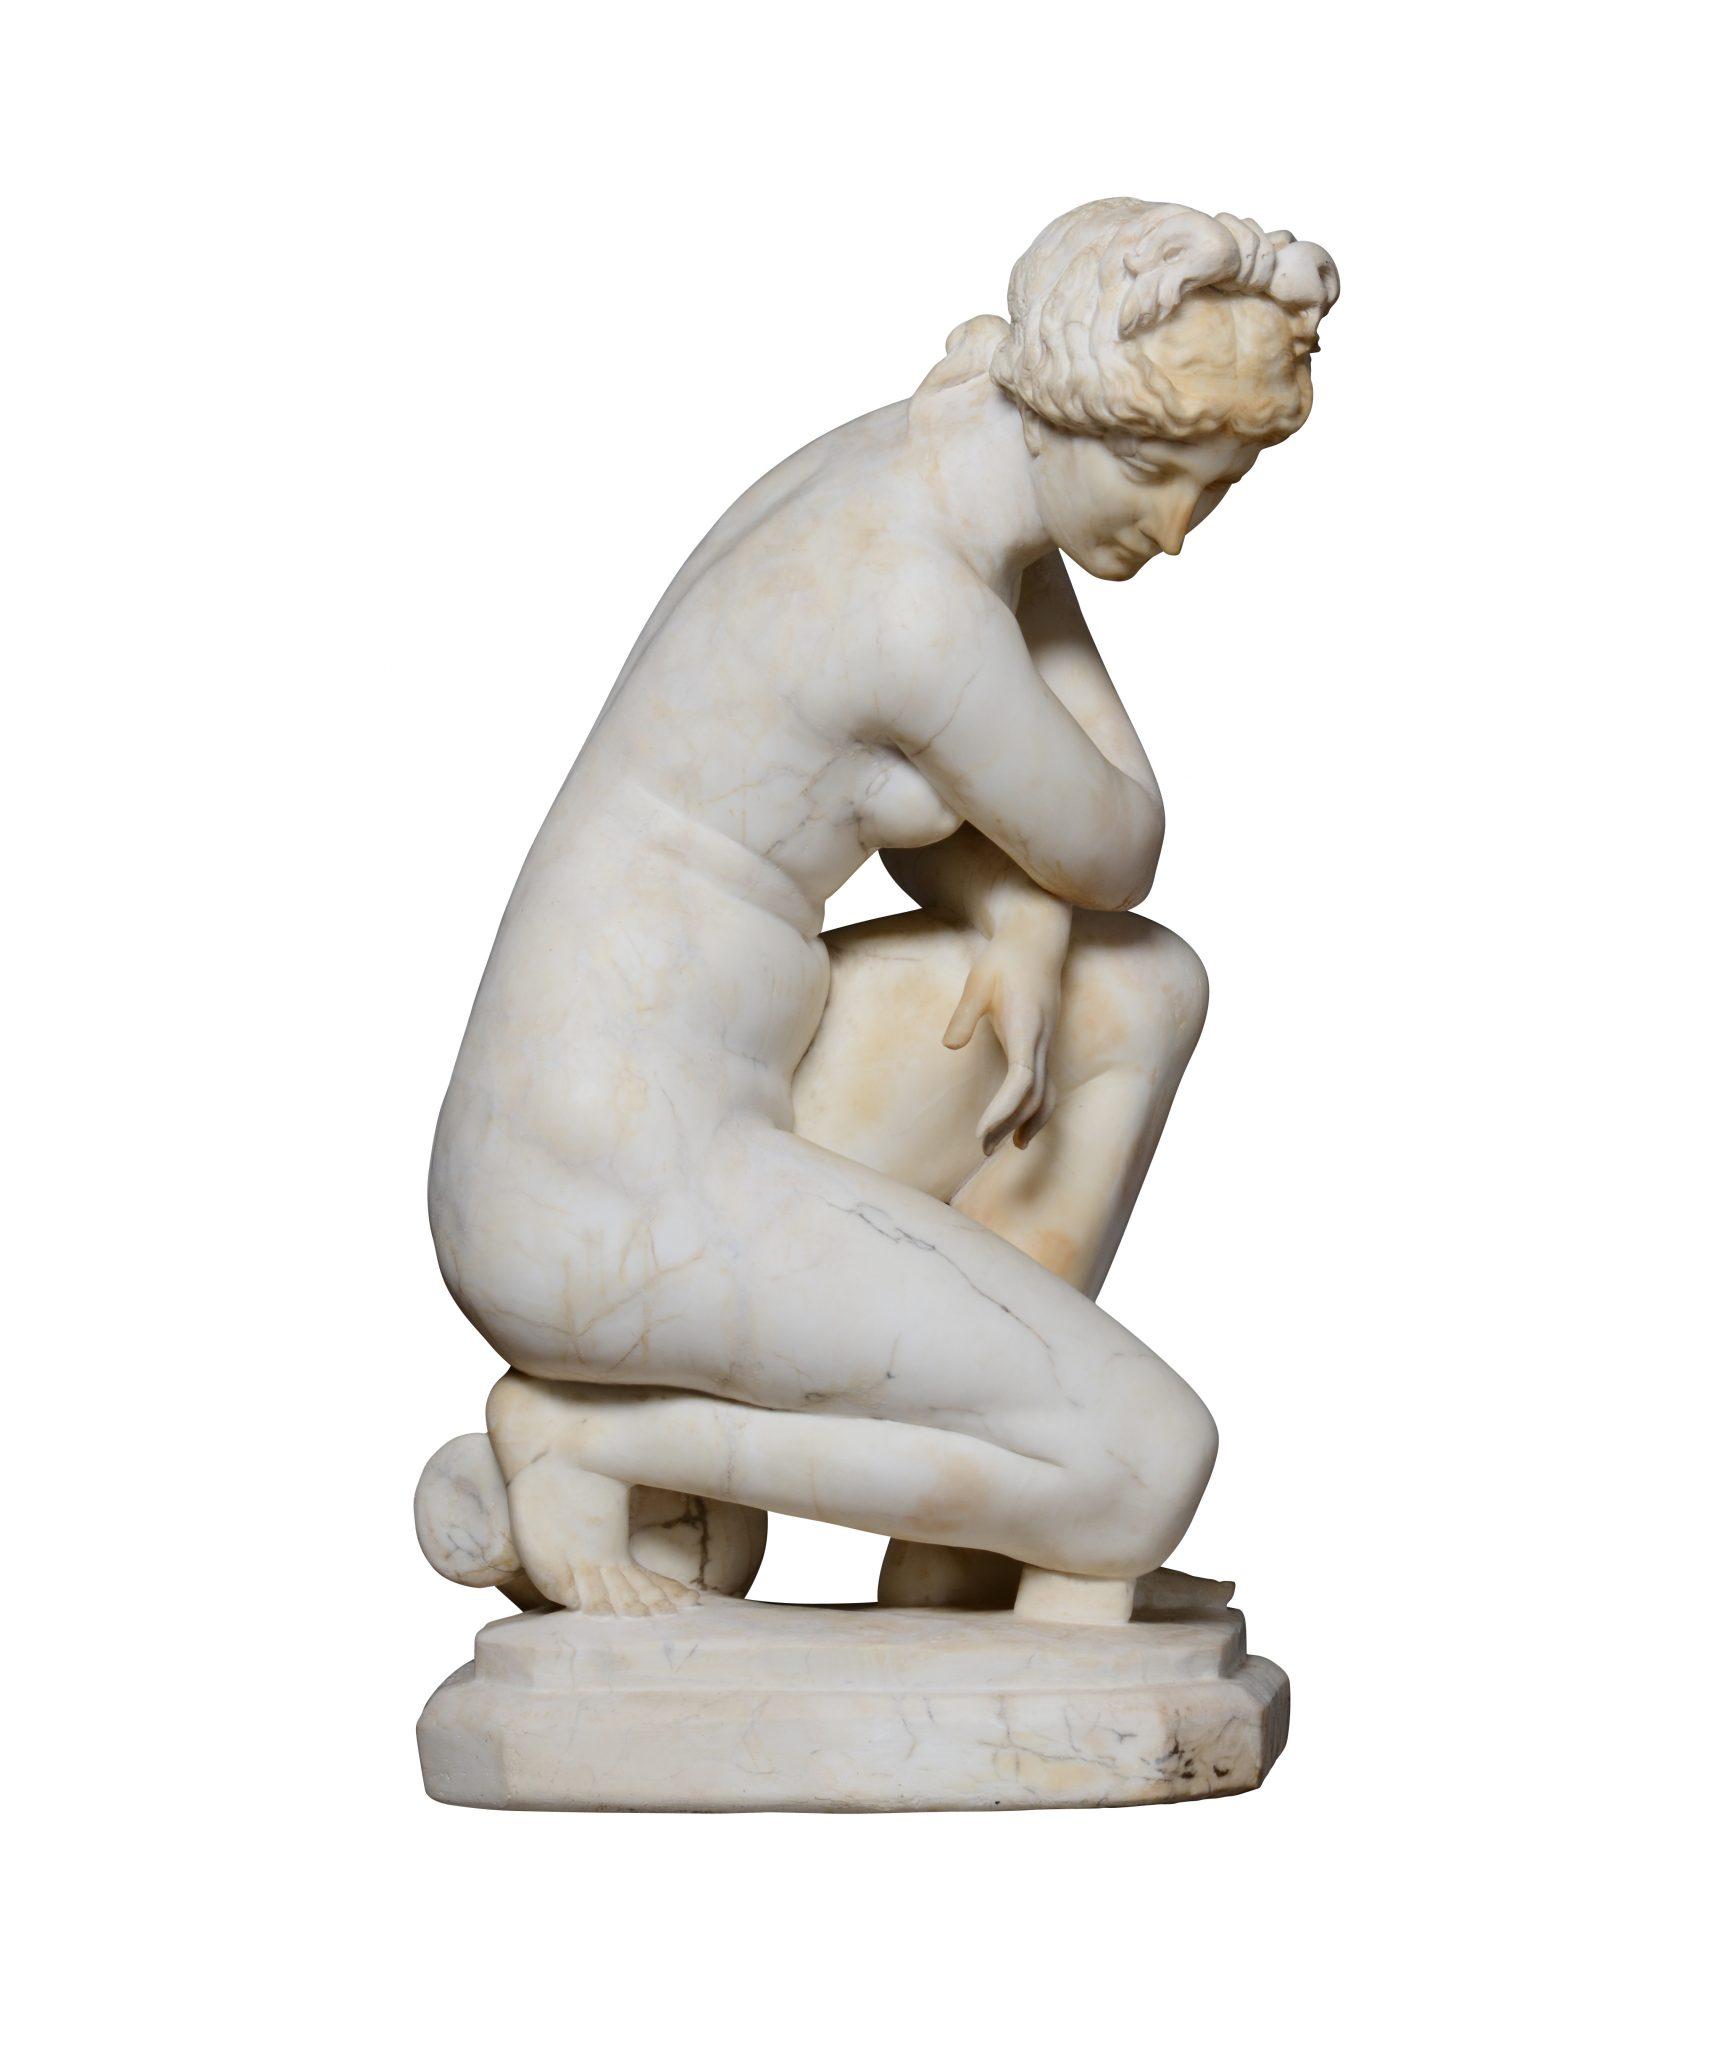 Lotto 280 (181328) Venere accovacciata in marmo bianco. Scultore neoclassico del XVIII-XIX secolo altezza cm 78 Stima € 4.000-4.500